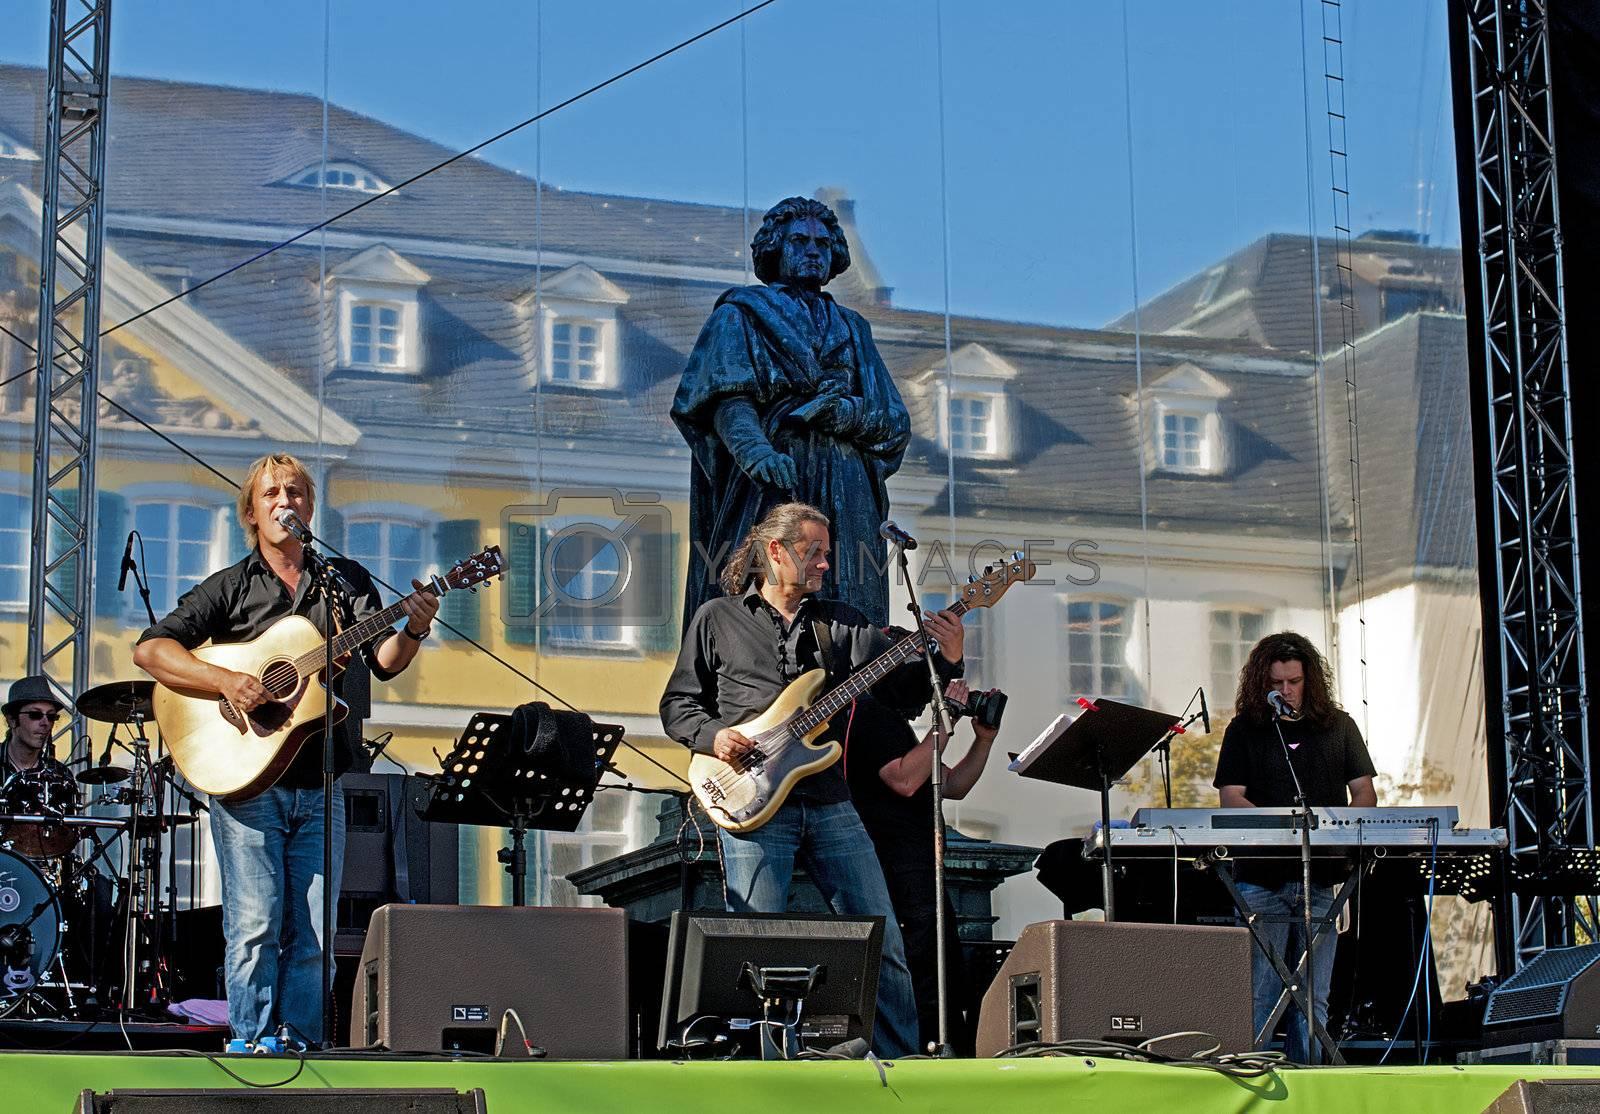 German Day of Unity, Bonn, photo taken on 1st of October 2011, concert of Knittler